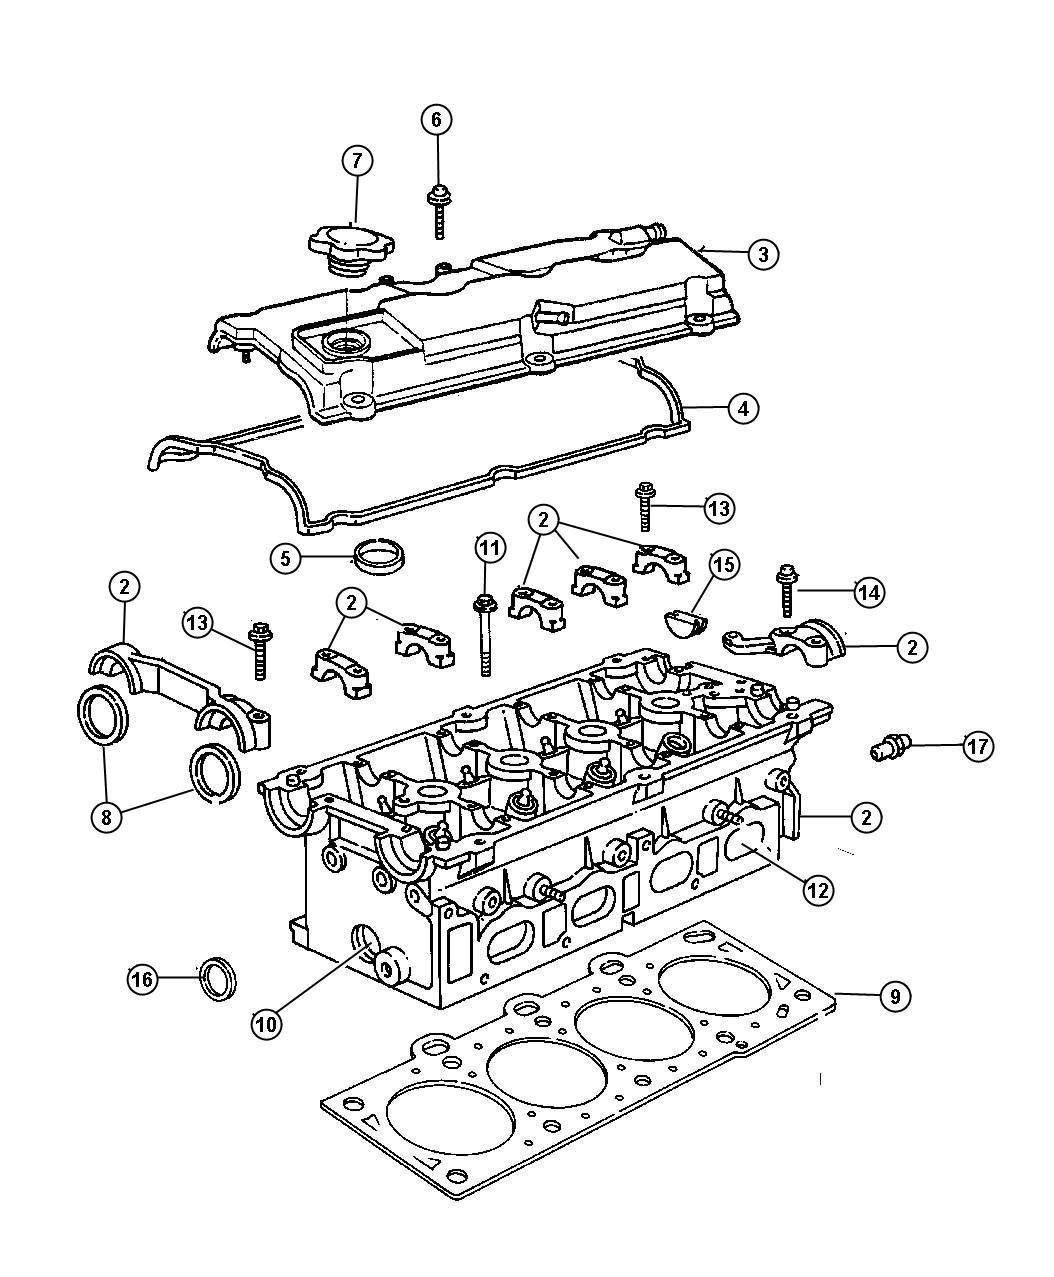 Chrysler Pt Cruiser Head Cylinder Casting Number